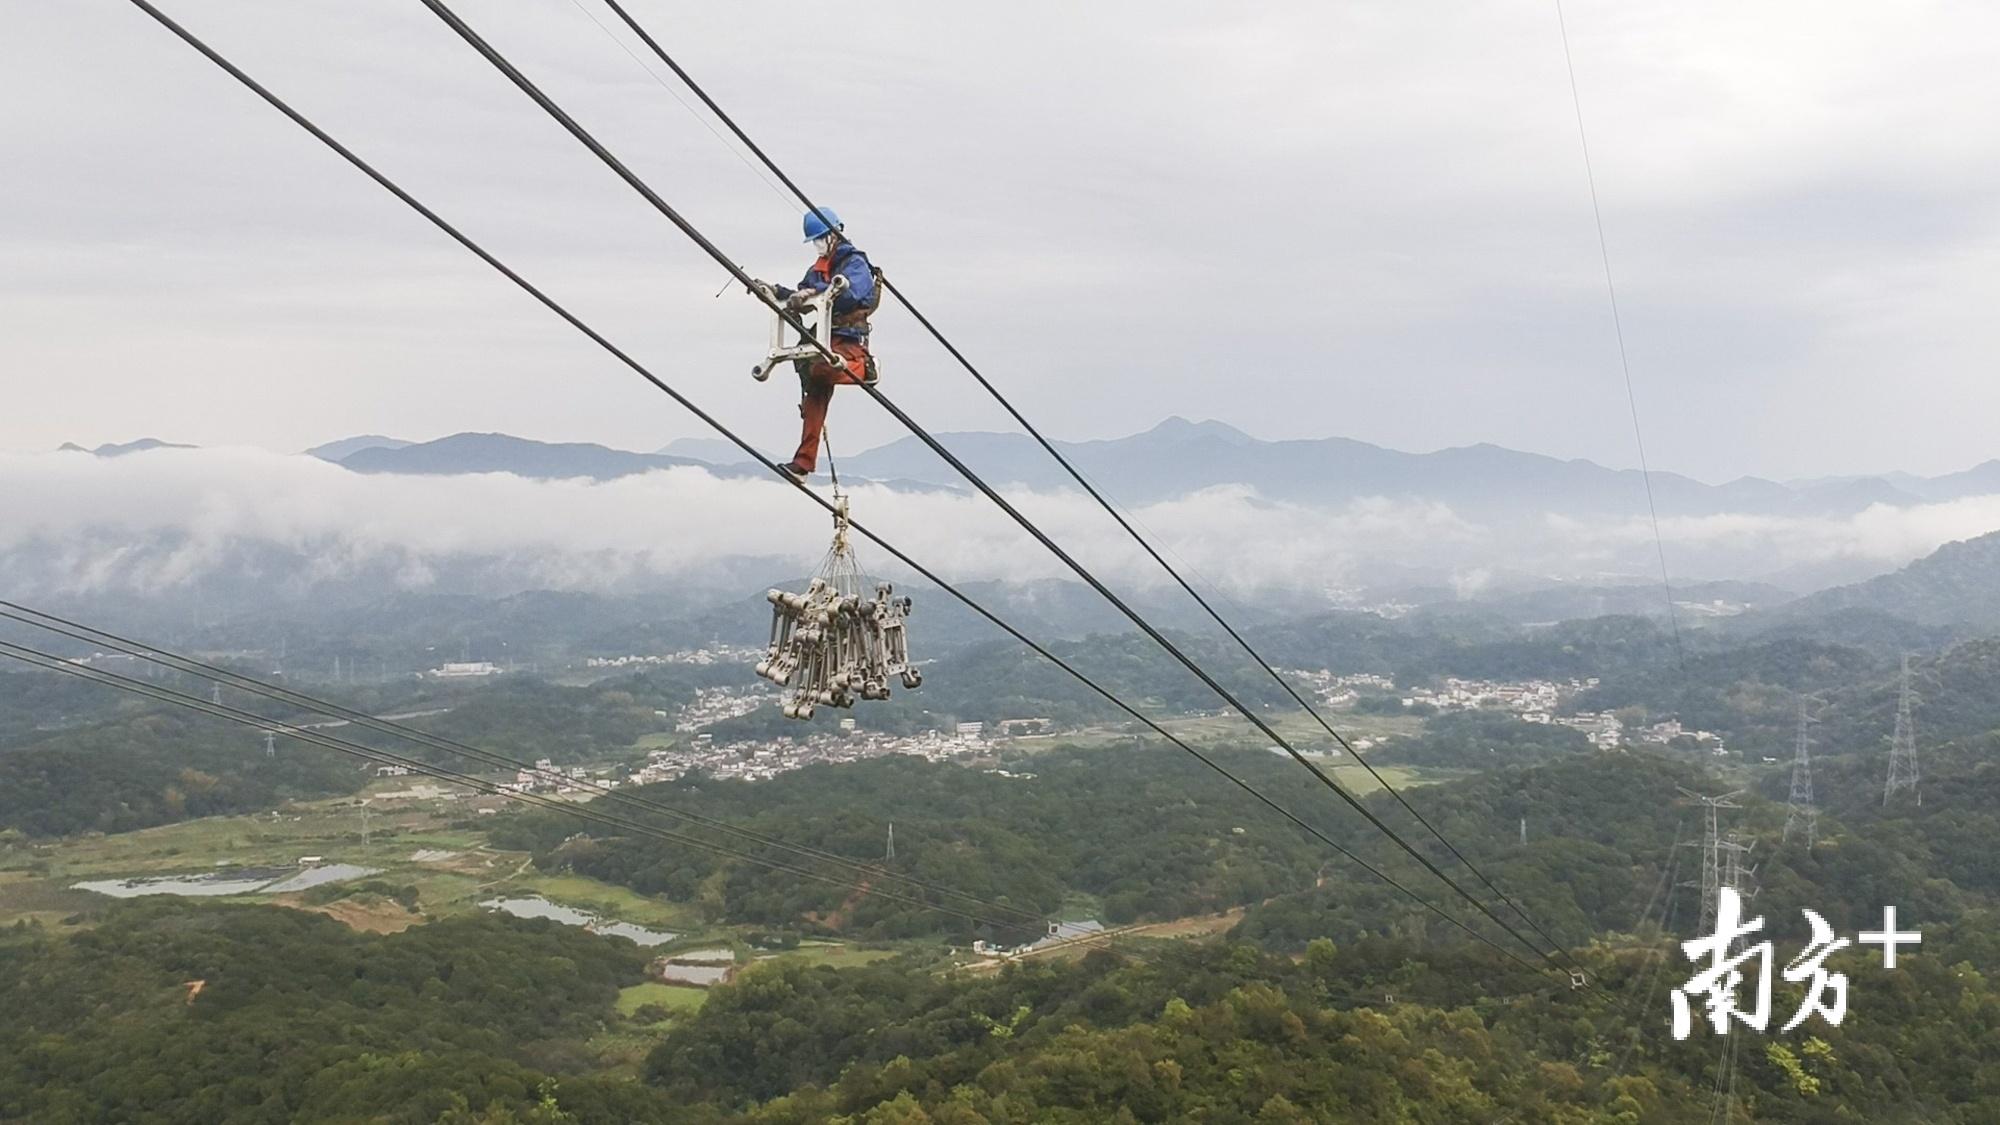 潮州市最大交流输电工程——500千伏韩汕甲、乙线连续运行11年后,首次大规模停电检修。受访单位供图